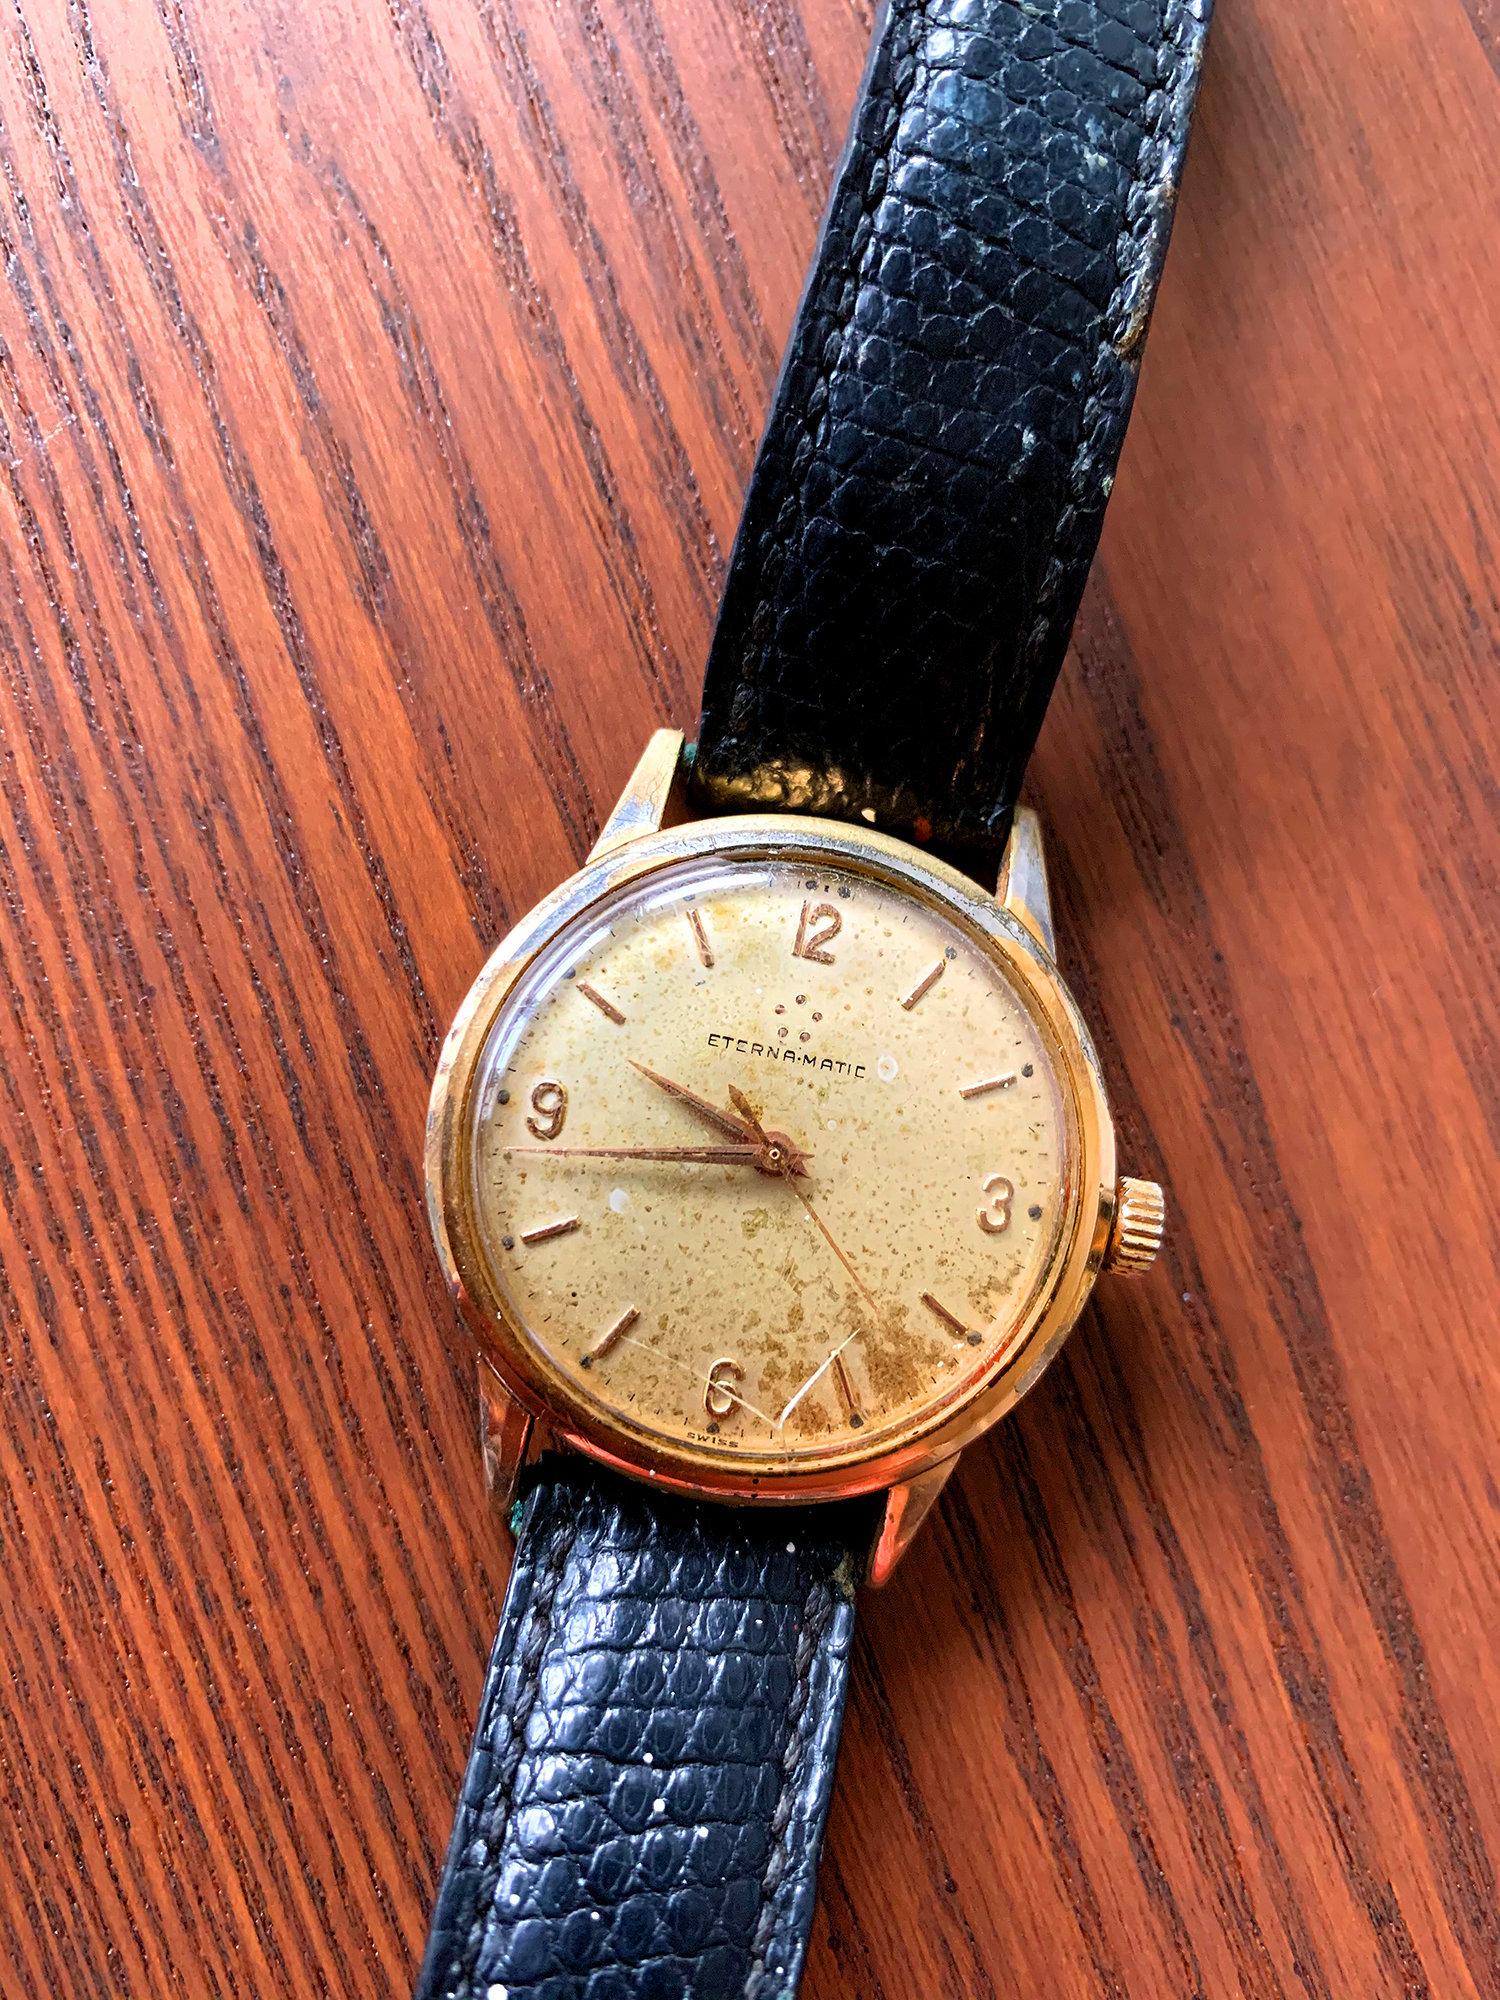 Mido -  [Postez ICI les demandes d'IDENTIFICATION et RENSEIGNEMENTS de vos montres] - Page 35 1579962491-1